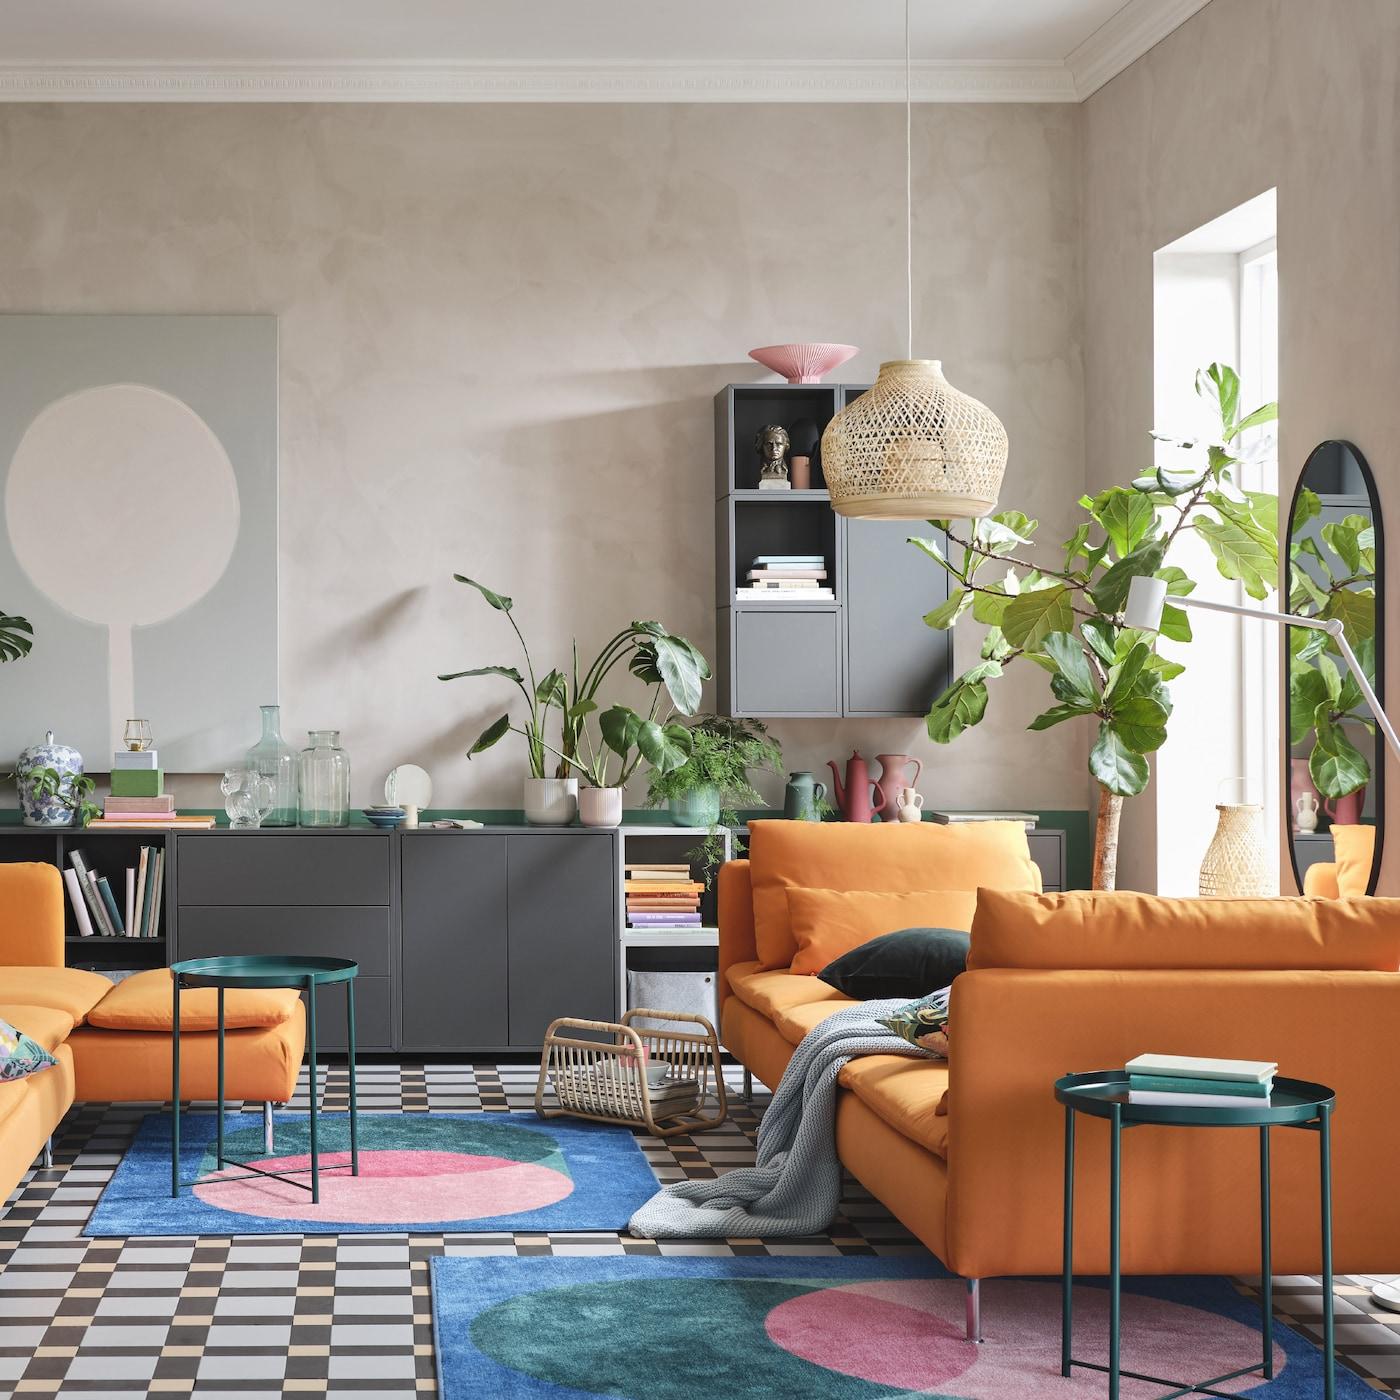 غرفة جلوس بها كنبة وأرائك استرخاء برتقالي، وتشكيلة خزائن رمادي، وسجاد ملون وطاولات صينية خضراء.